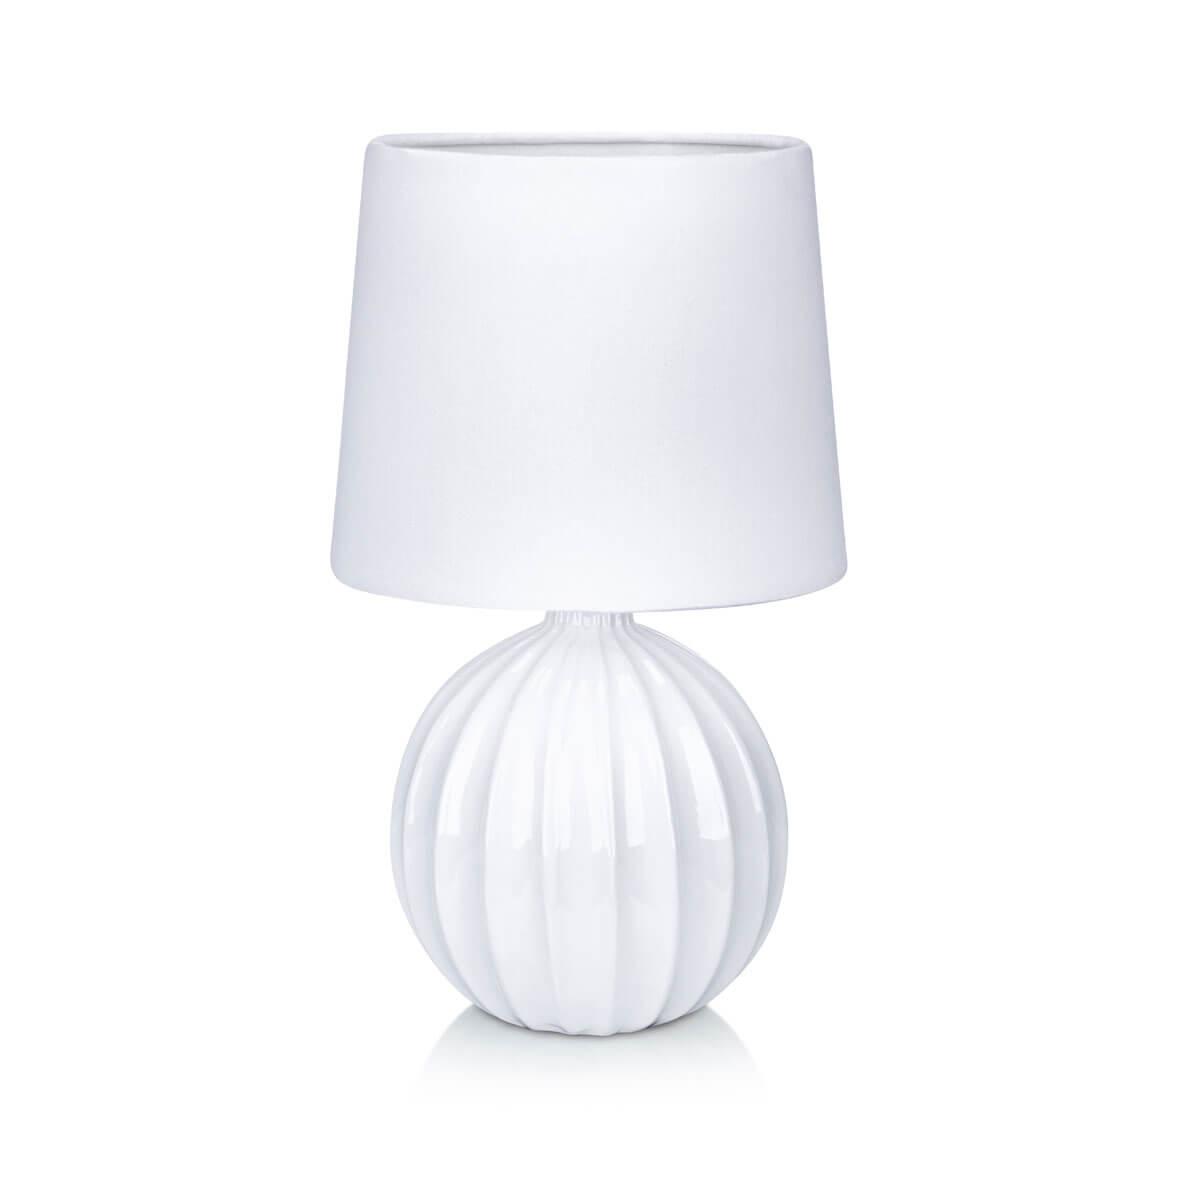 Настольная лампа Markslojd 106884 Melanie цена 2017